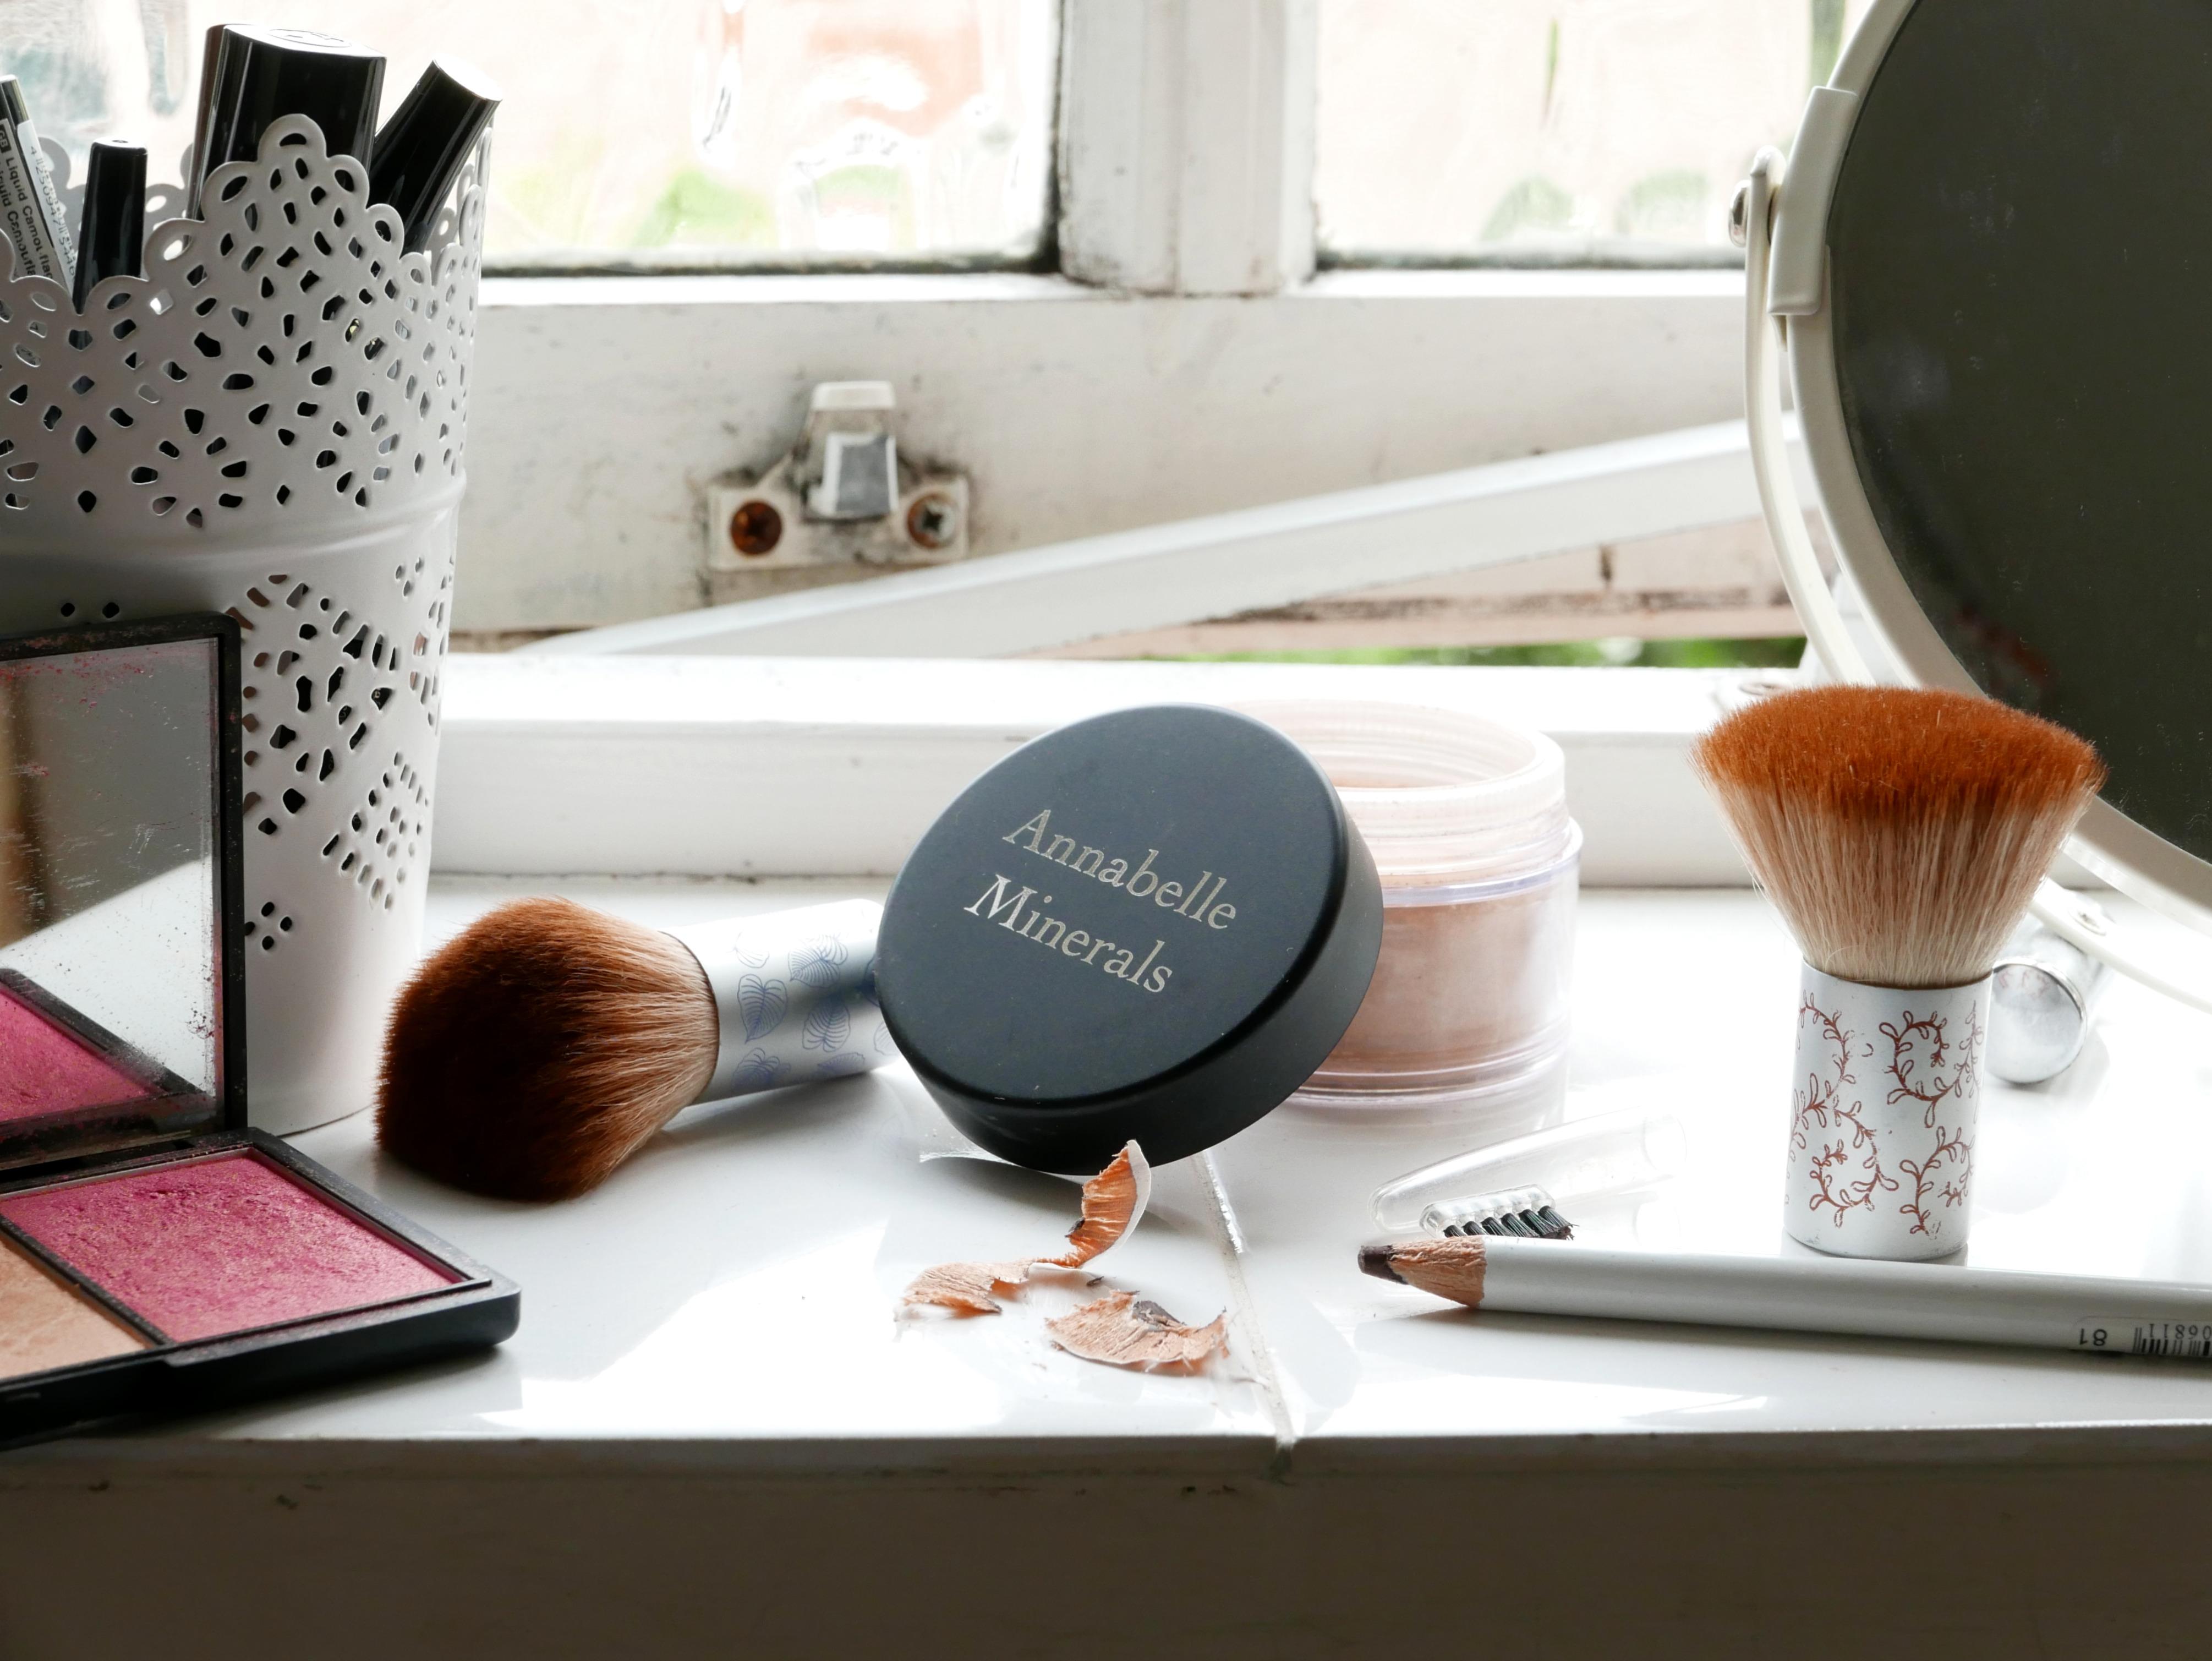 kosmetyki-naturalne-annabelle-minerals-felicea